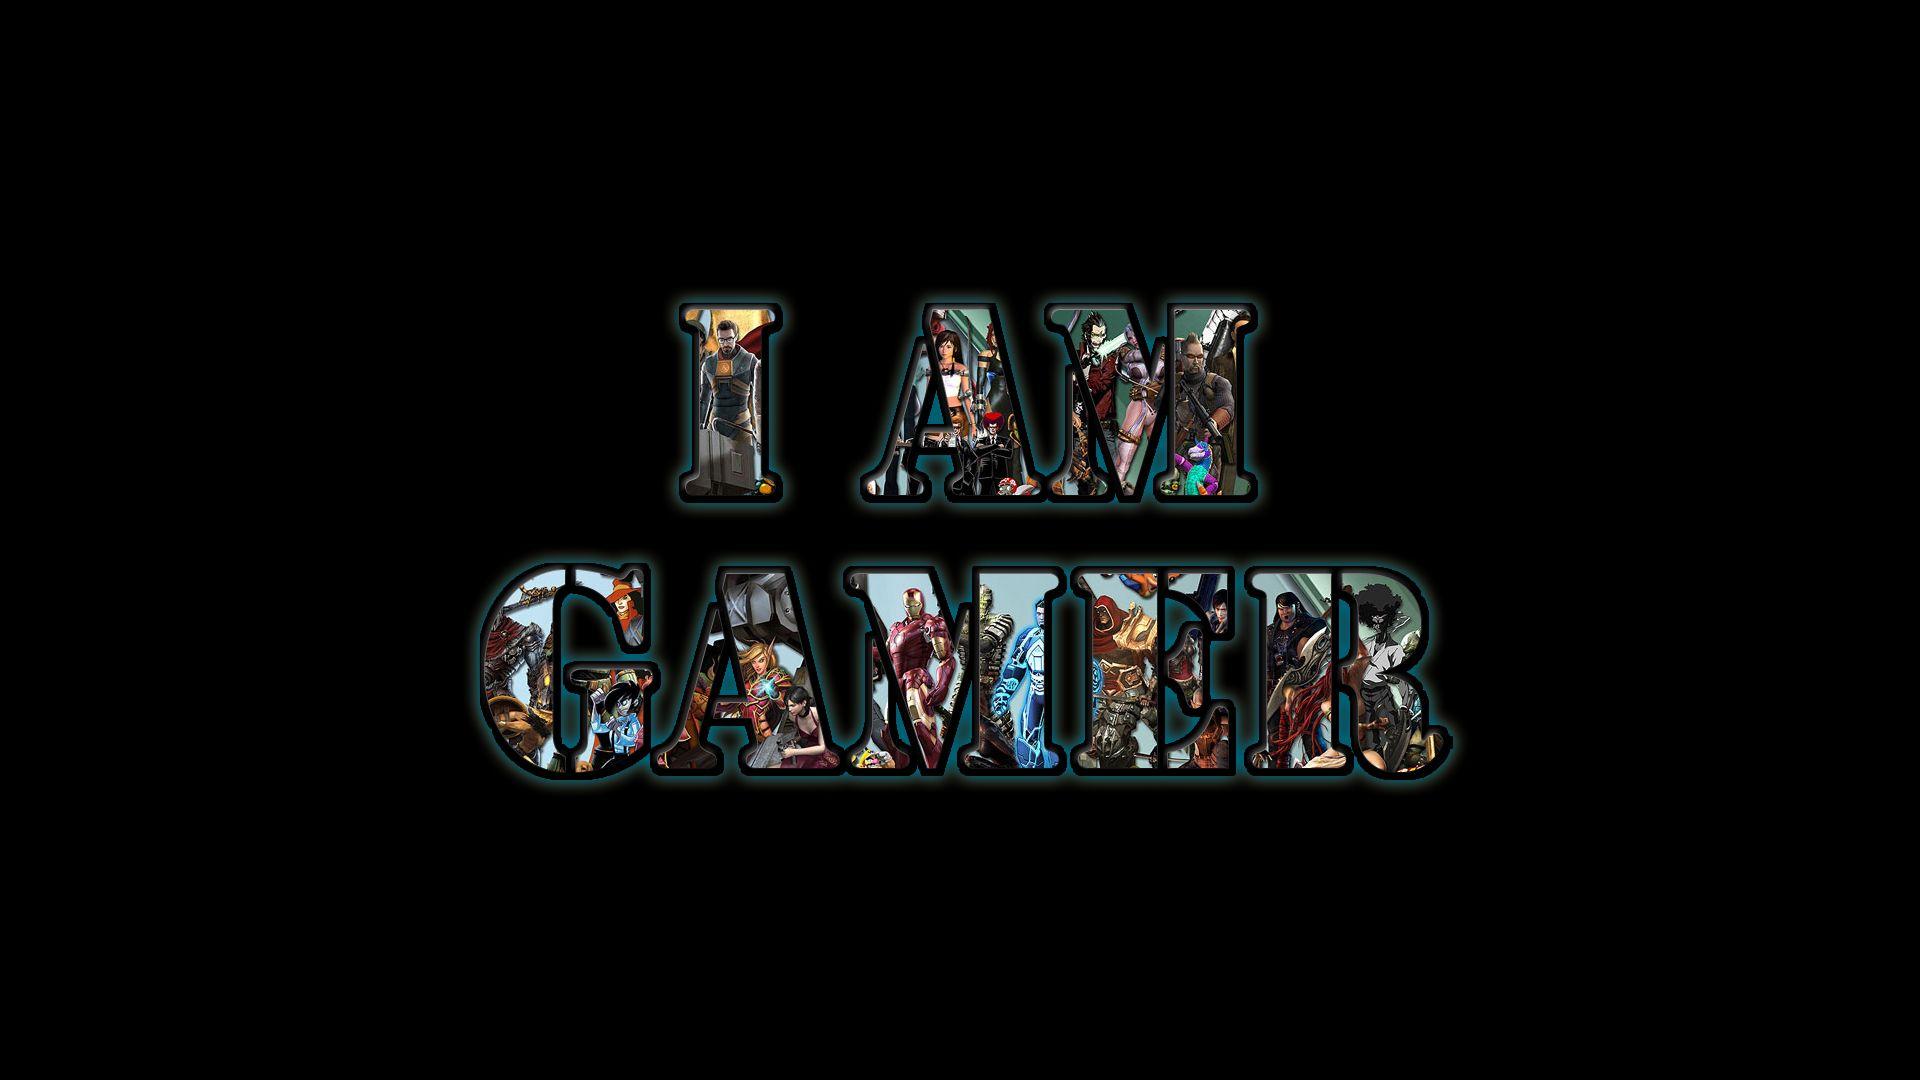 i am a gamer pc fond ecran noir jpg